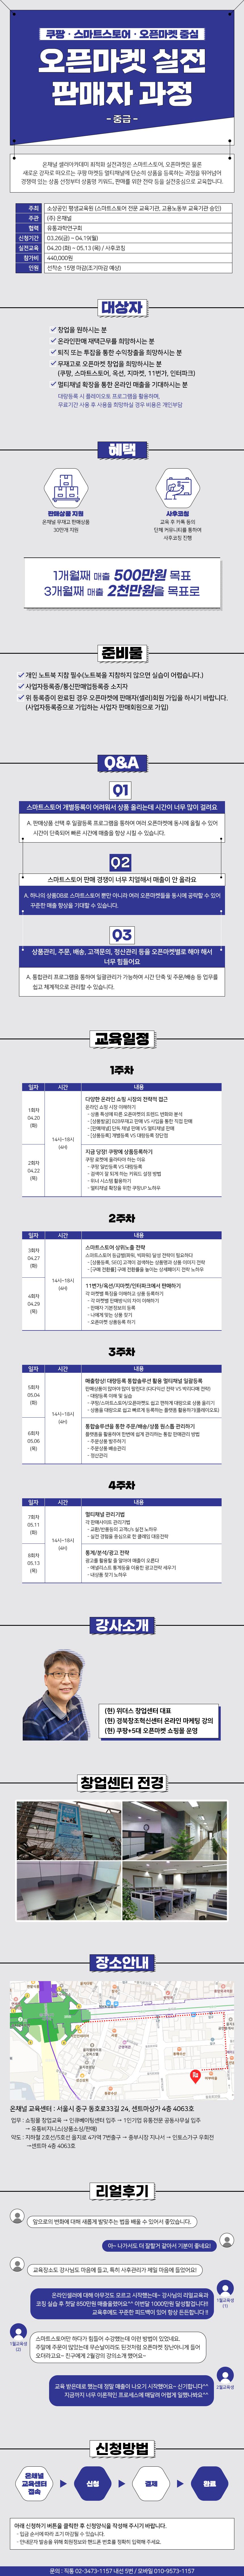 210323_오픈마켓실전과정_수정.png